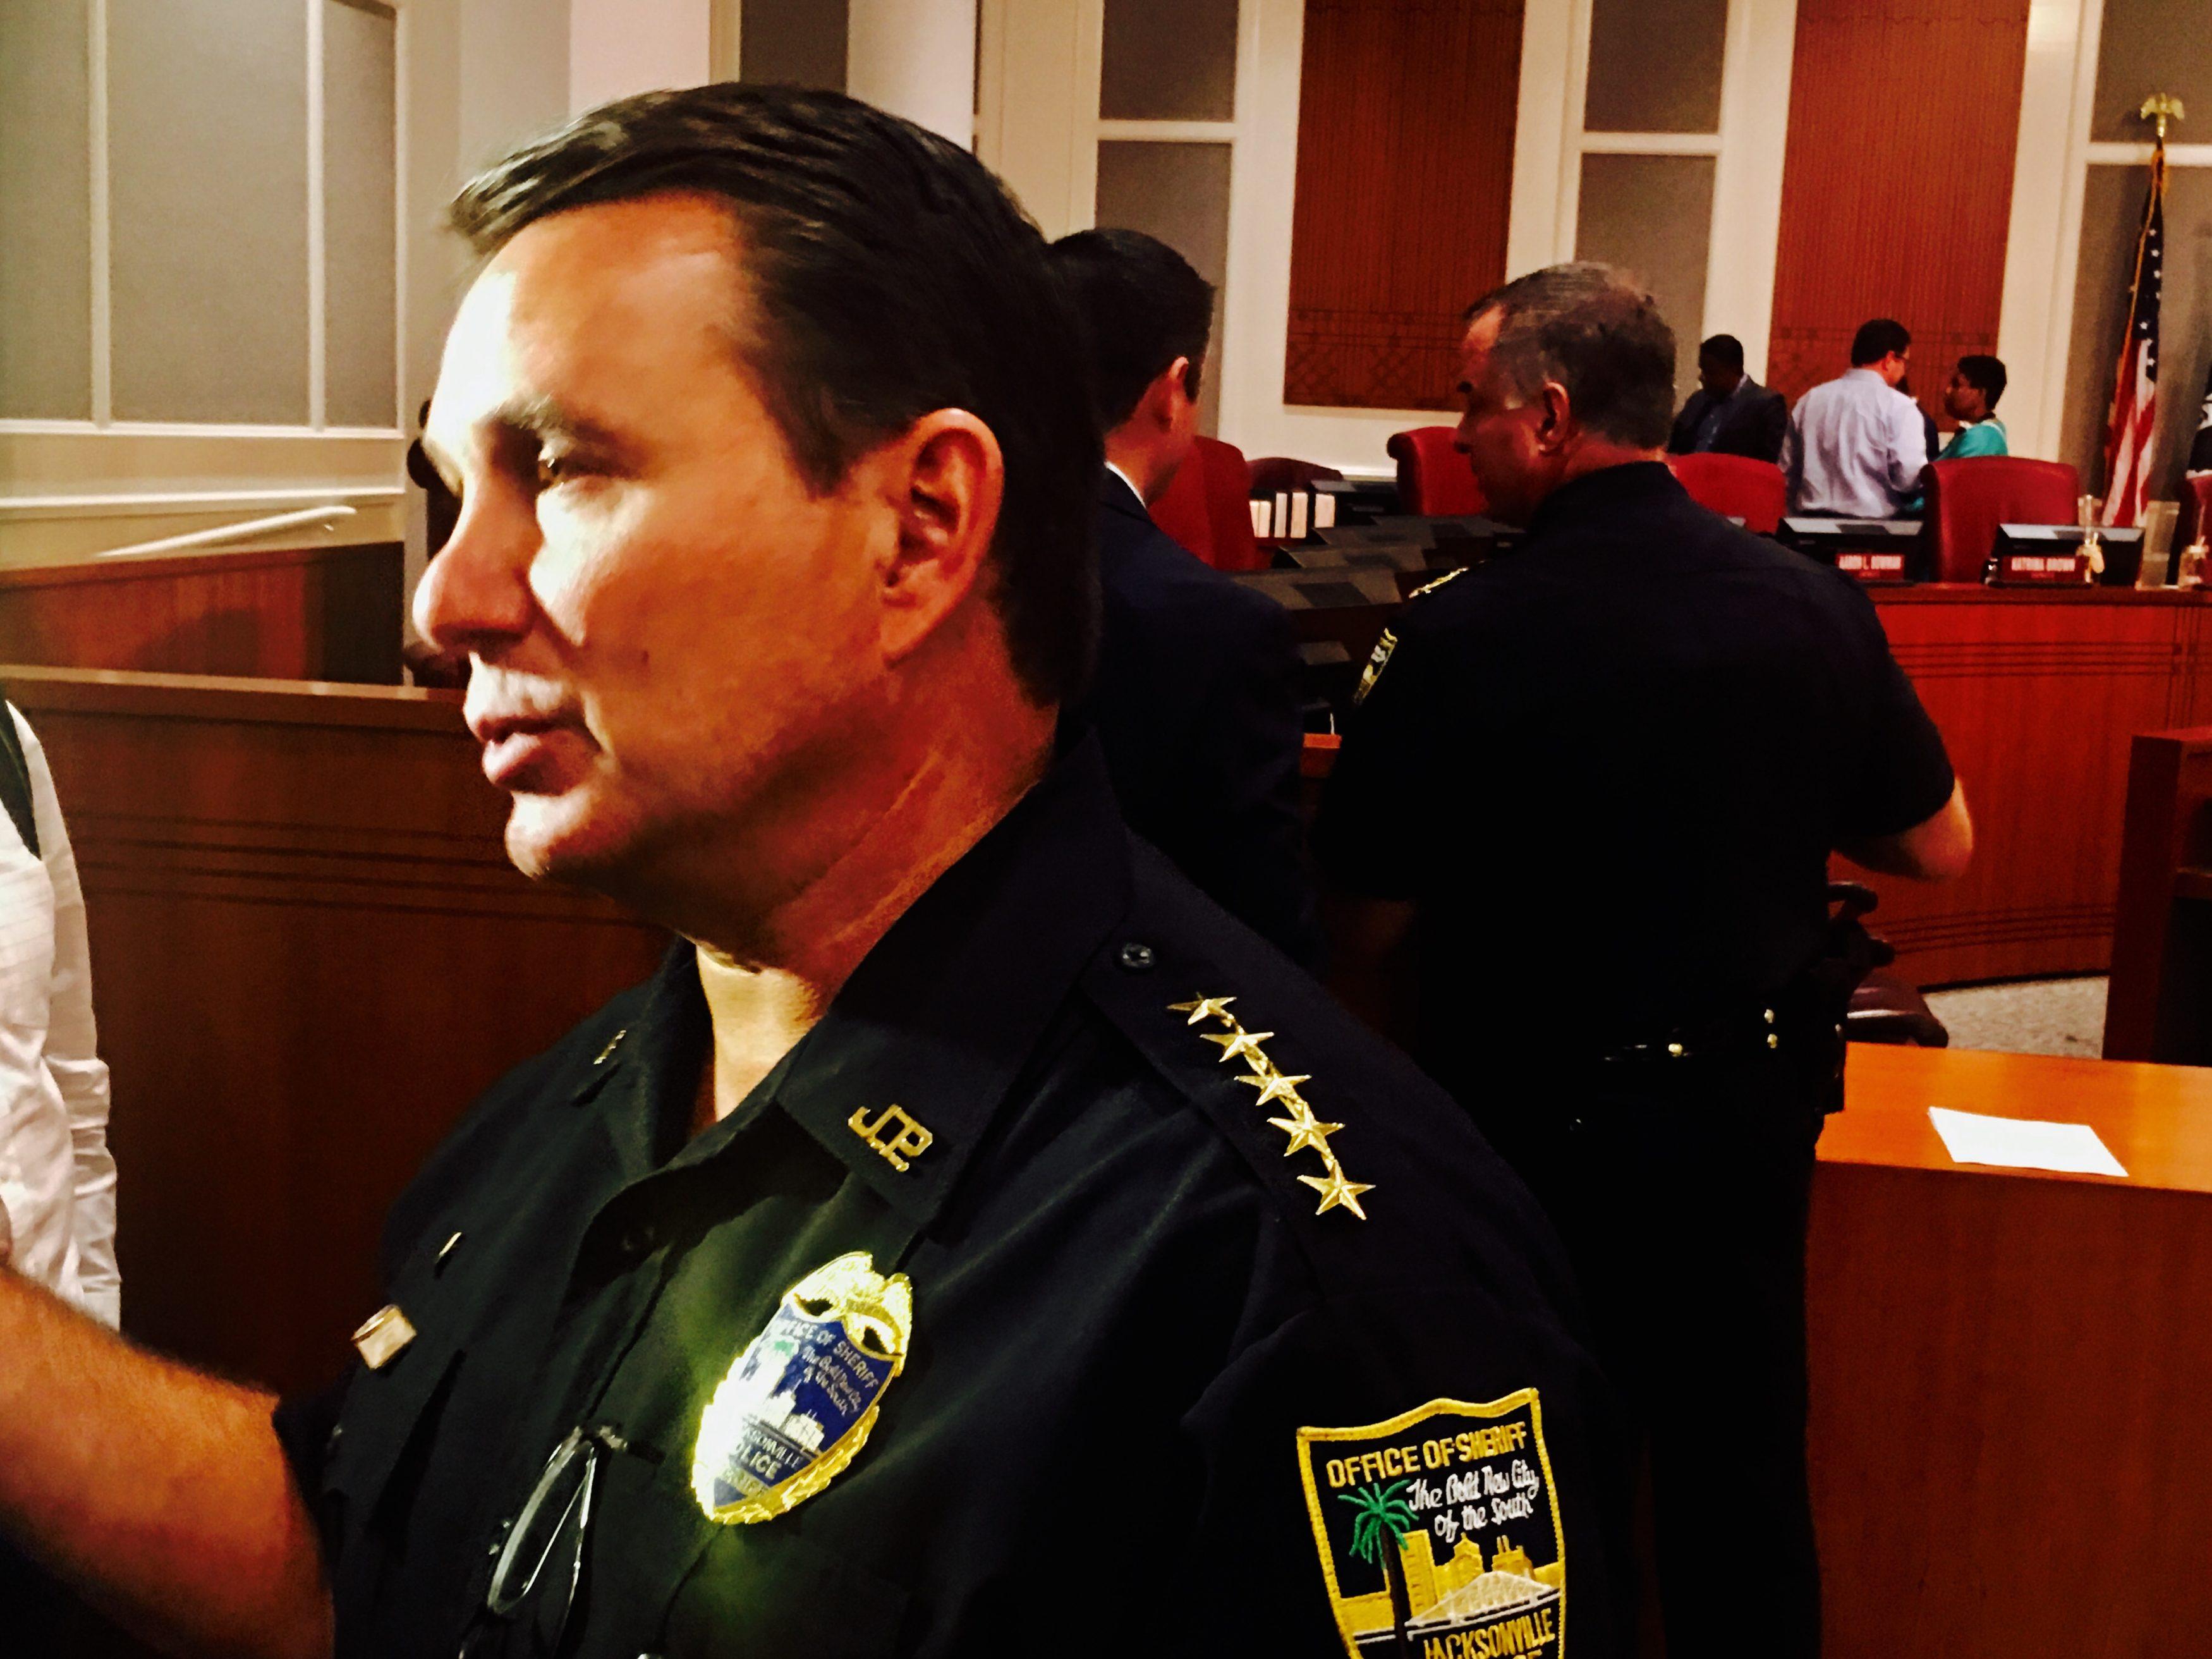 Mike-Williams-Jax-Sheriff-3500x2625.jpg